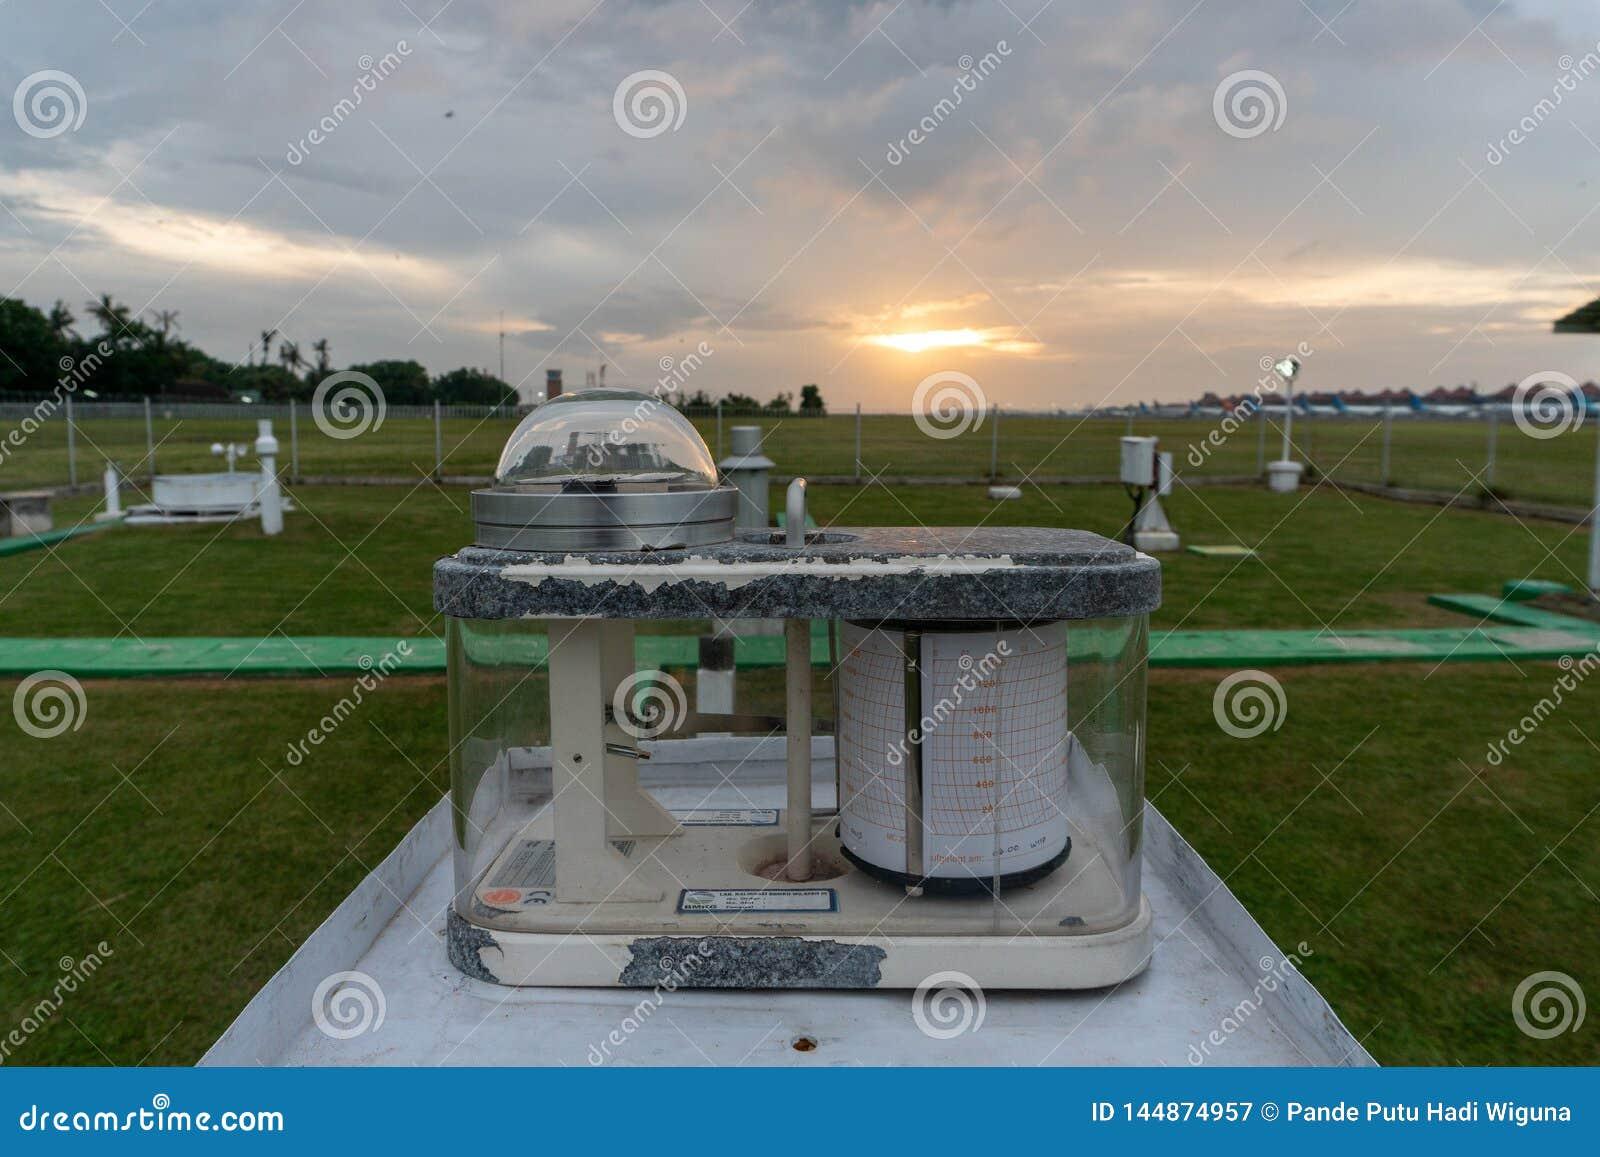 Pyranograph am Meteorologiefeld mit grünem Gras und wenn Sonnenuntergang unter bewölktem Himmel